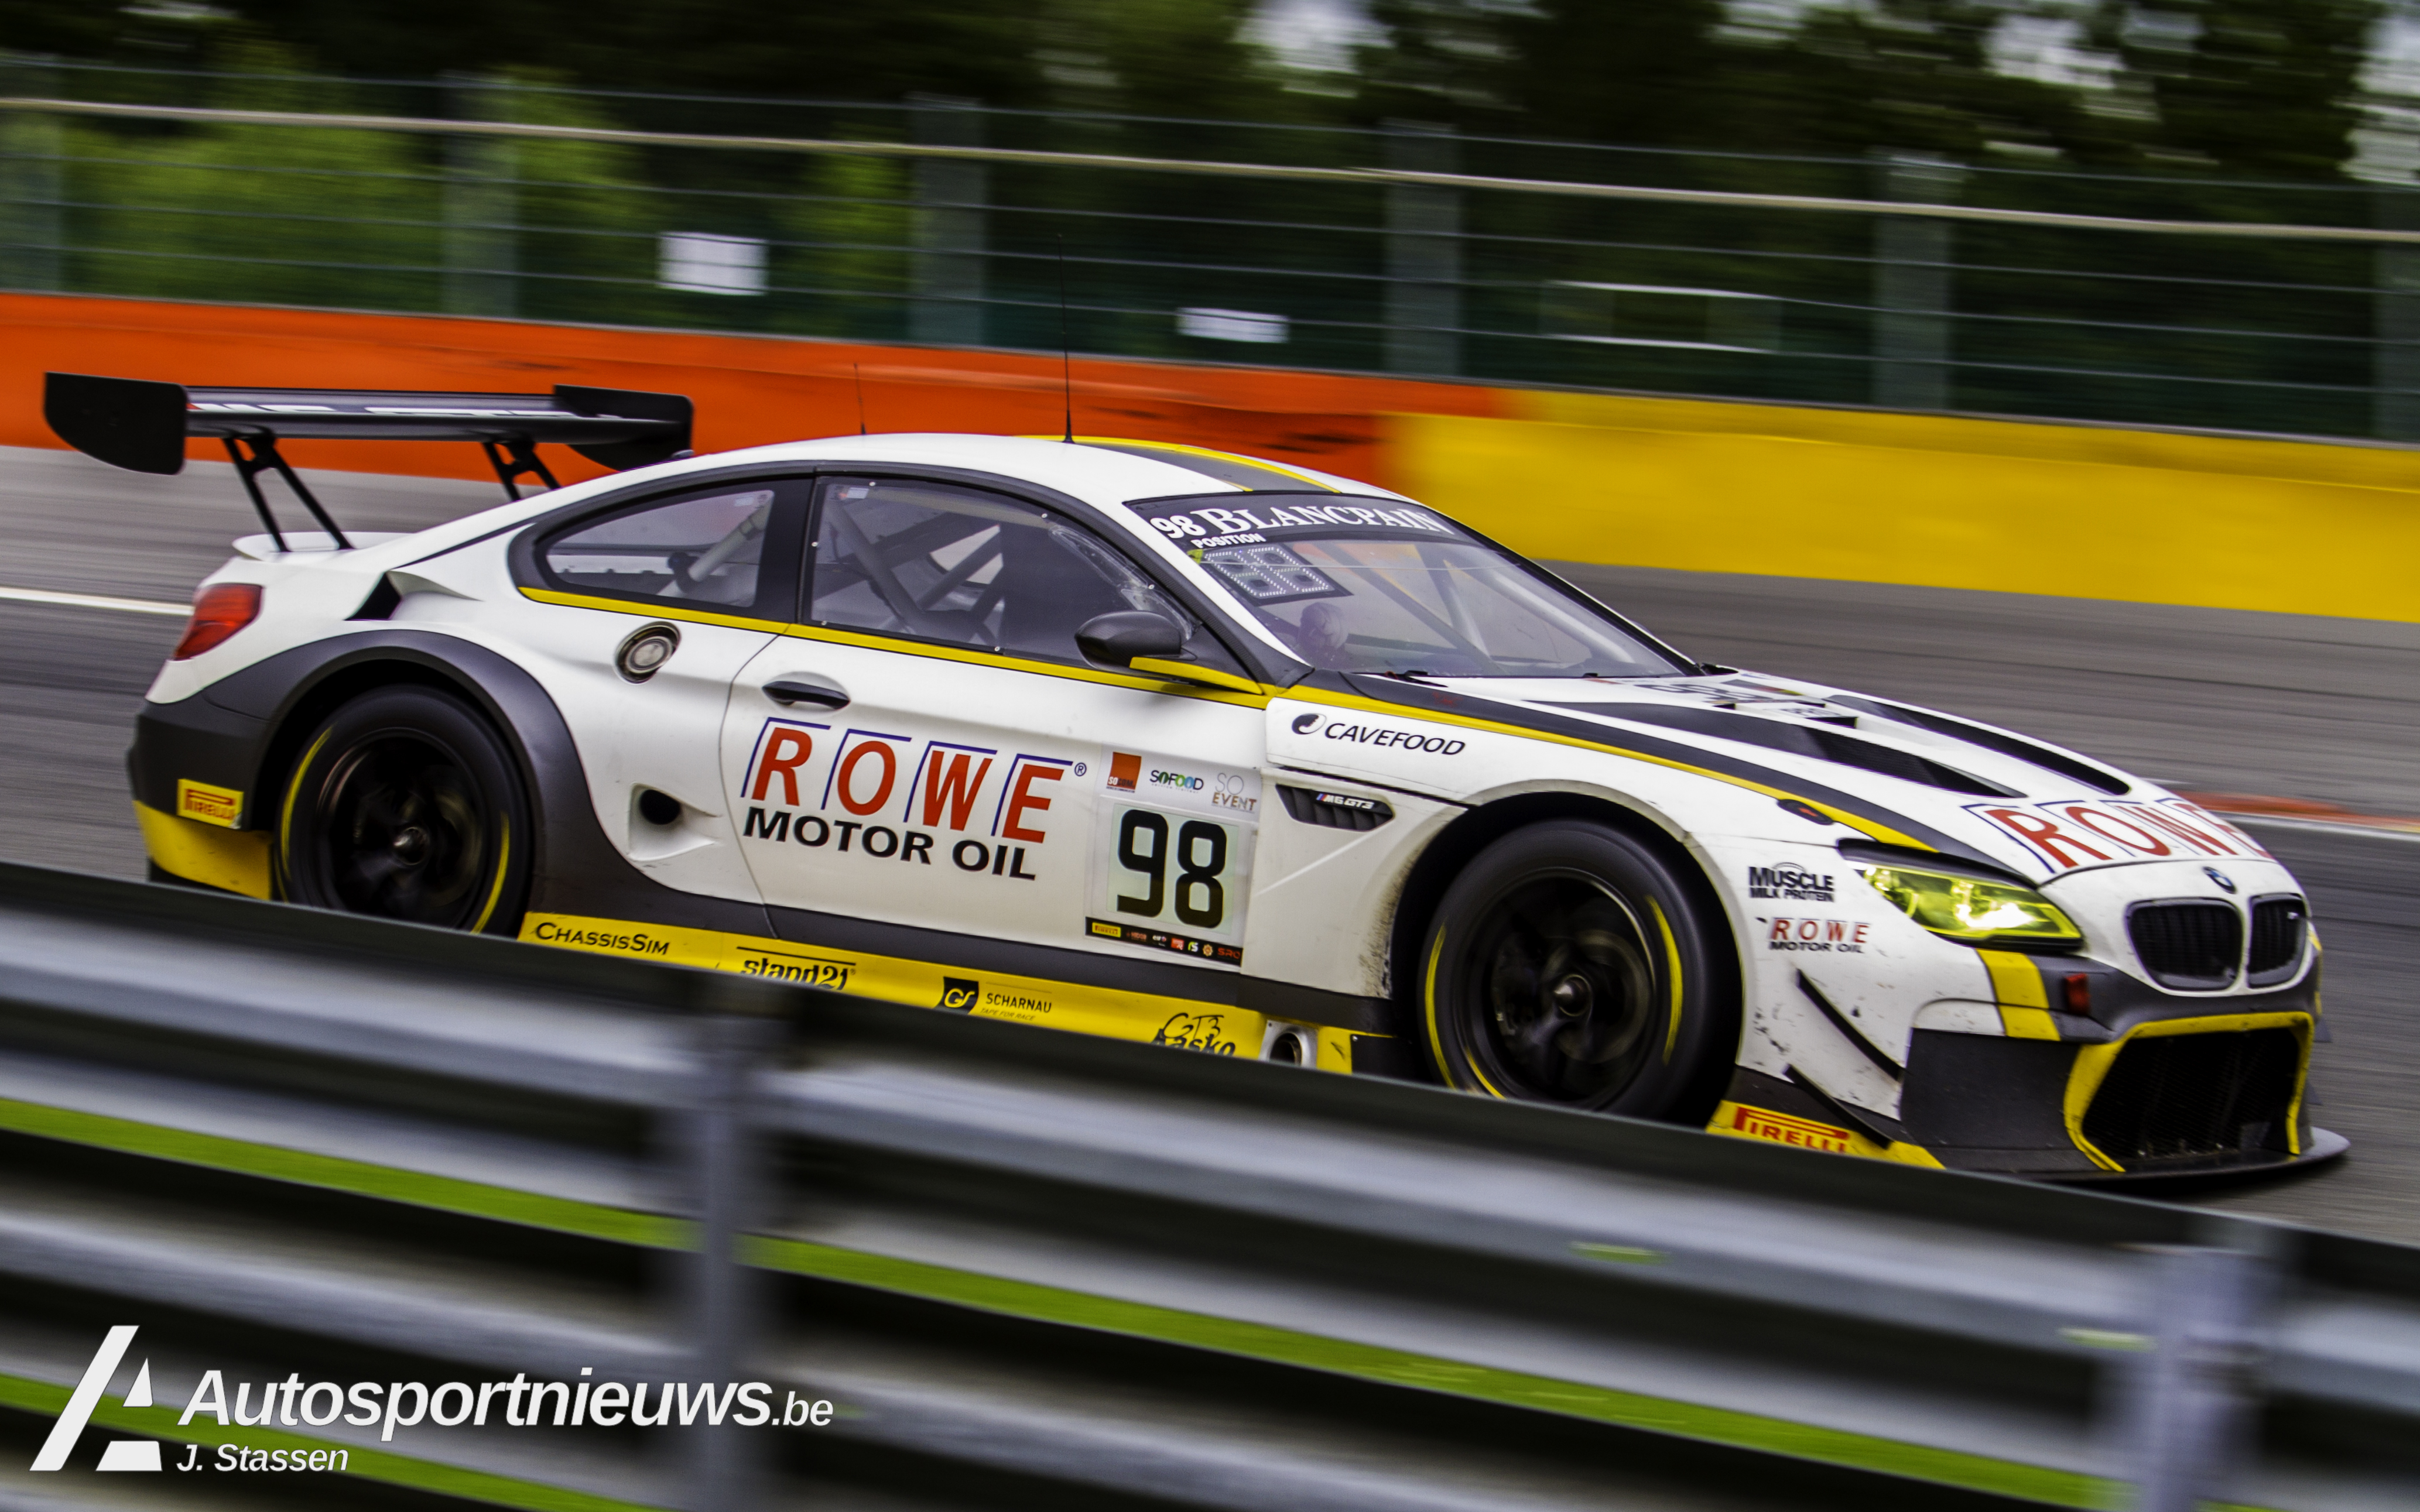 ROWE RACING opnieuw met twee BMW M6 GT3's aan de start in de Blancpain GT Series